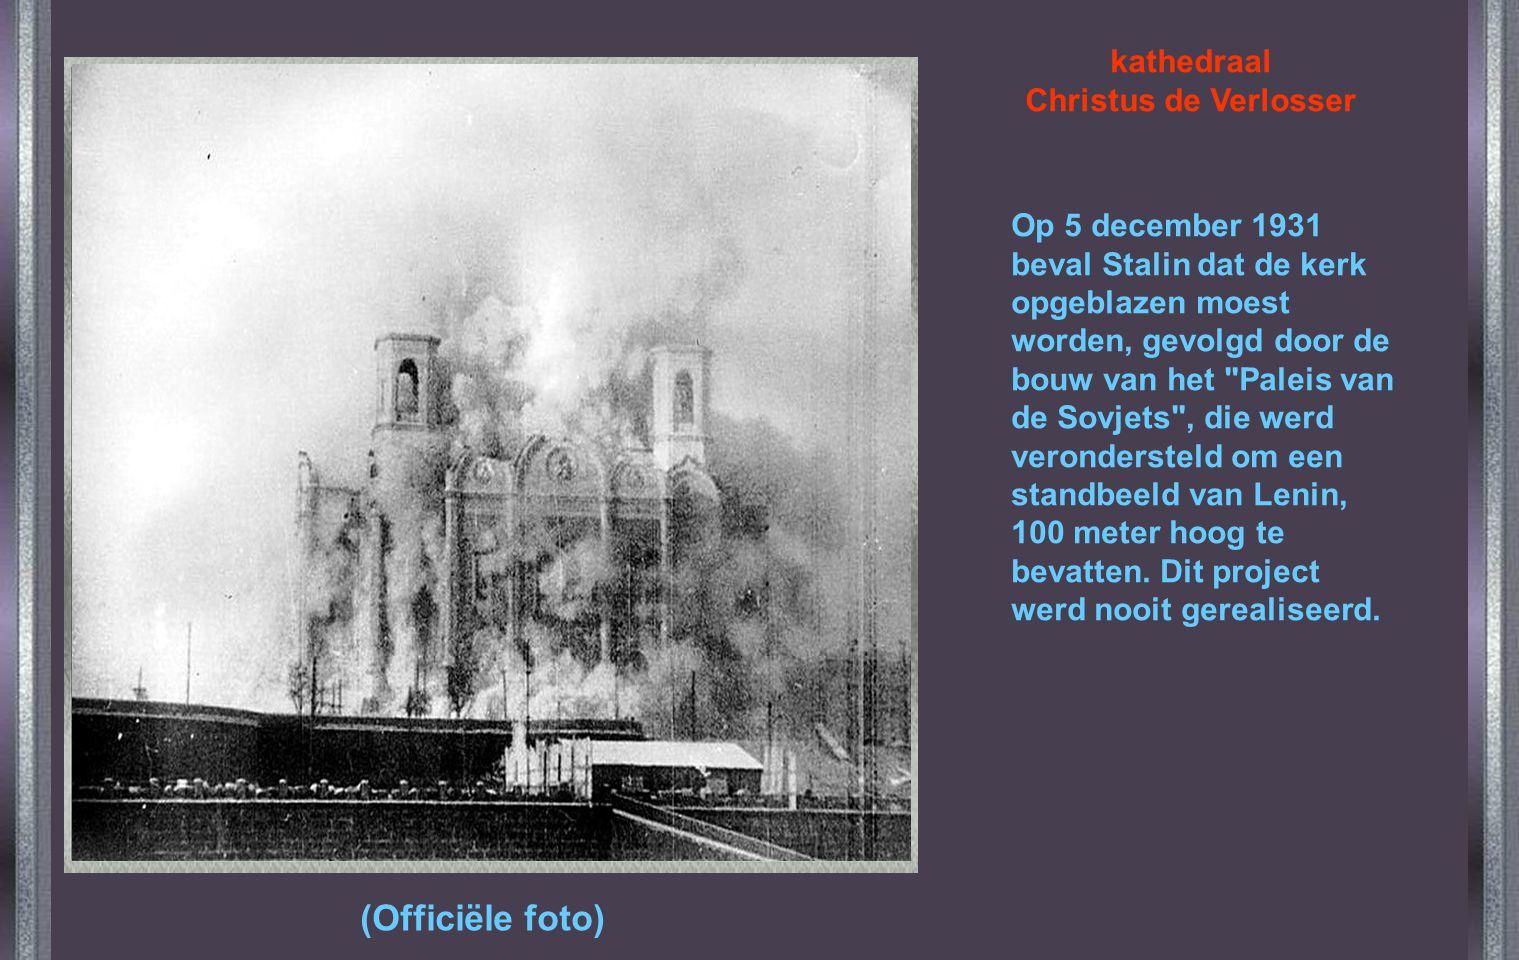 kathedraal Christus de Verlosser